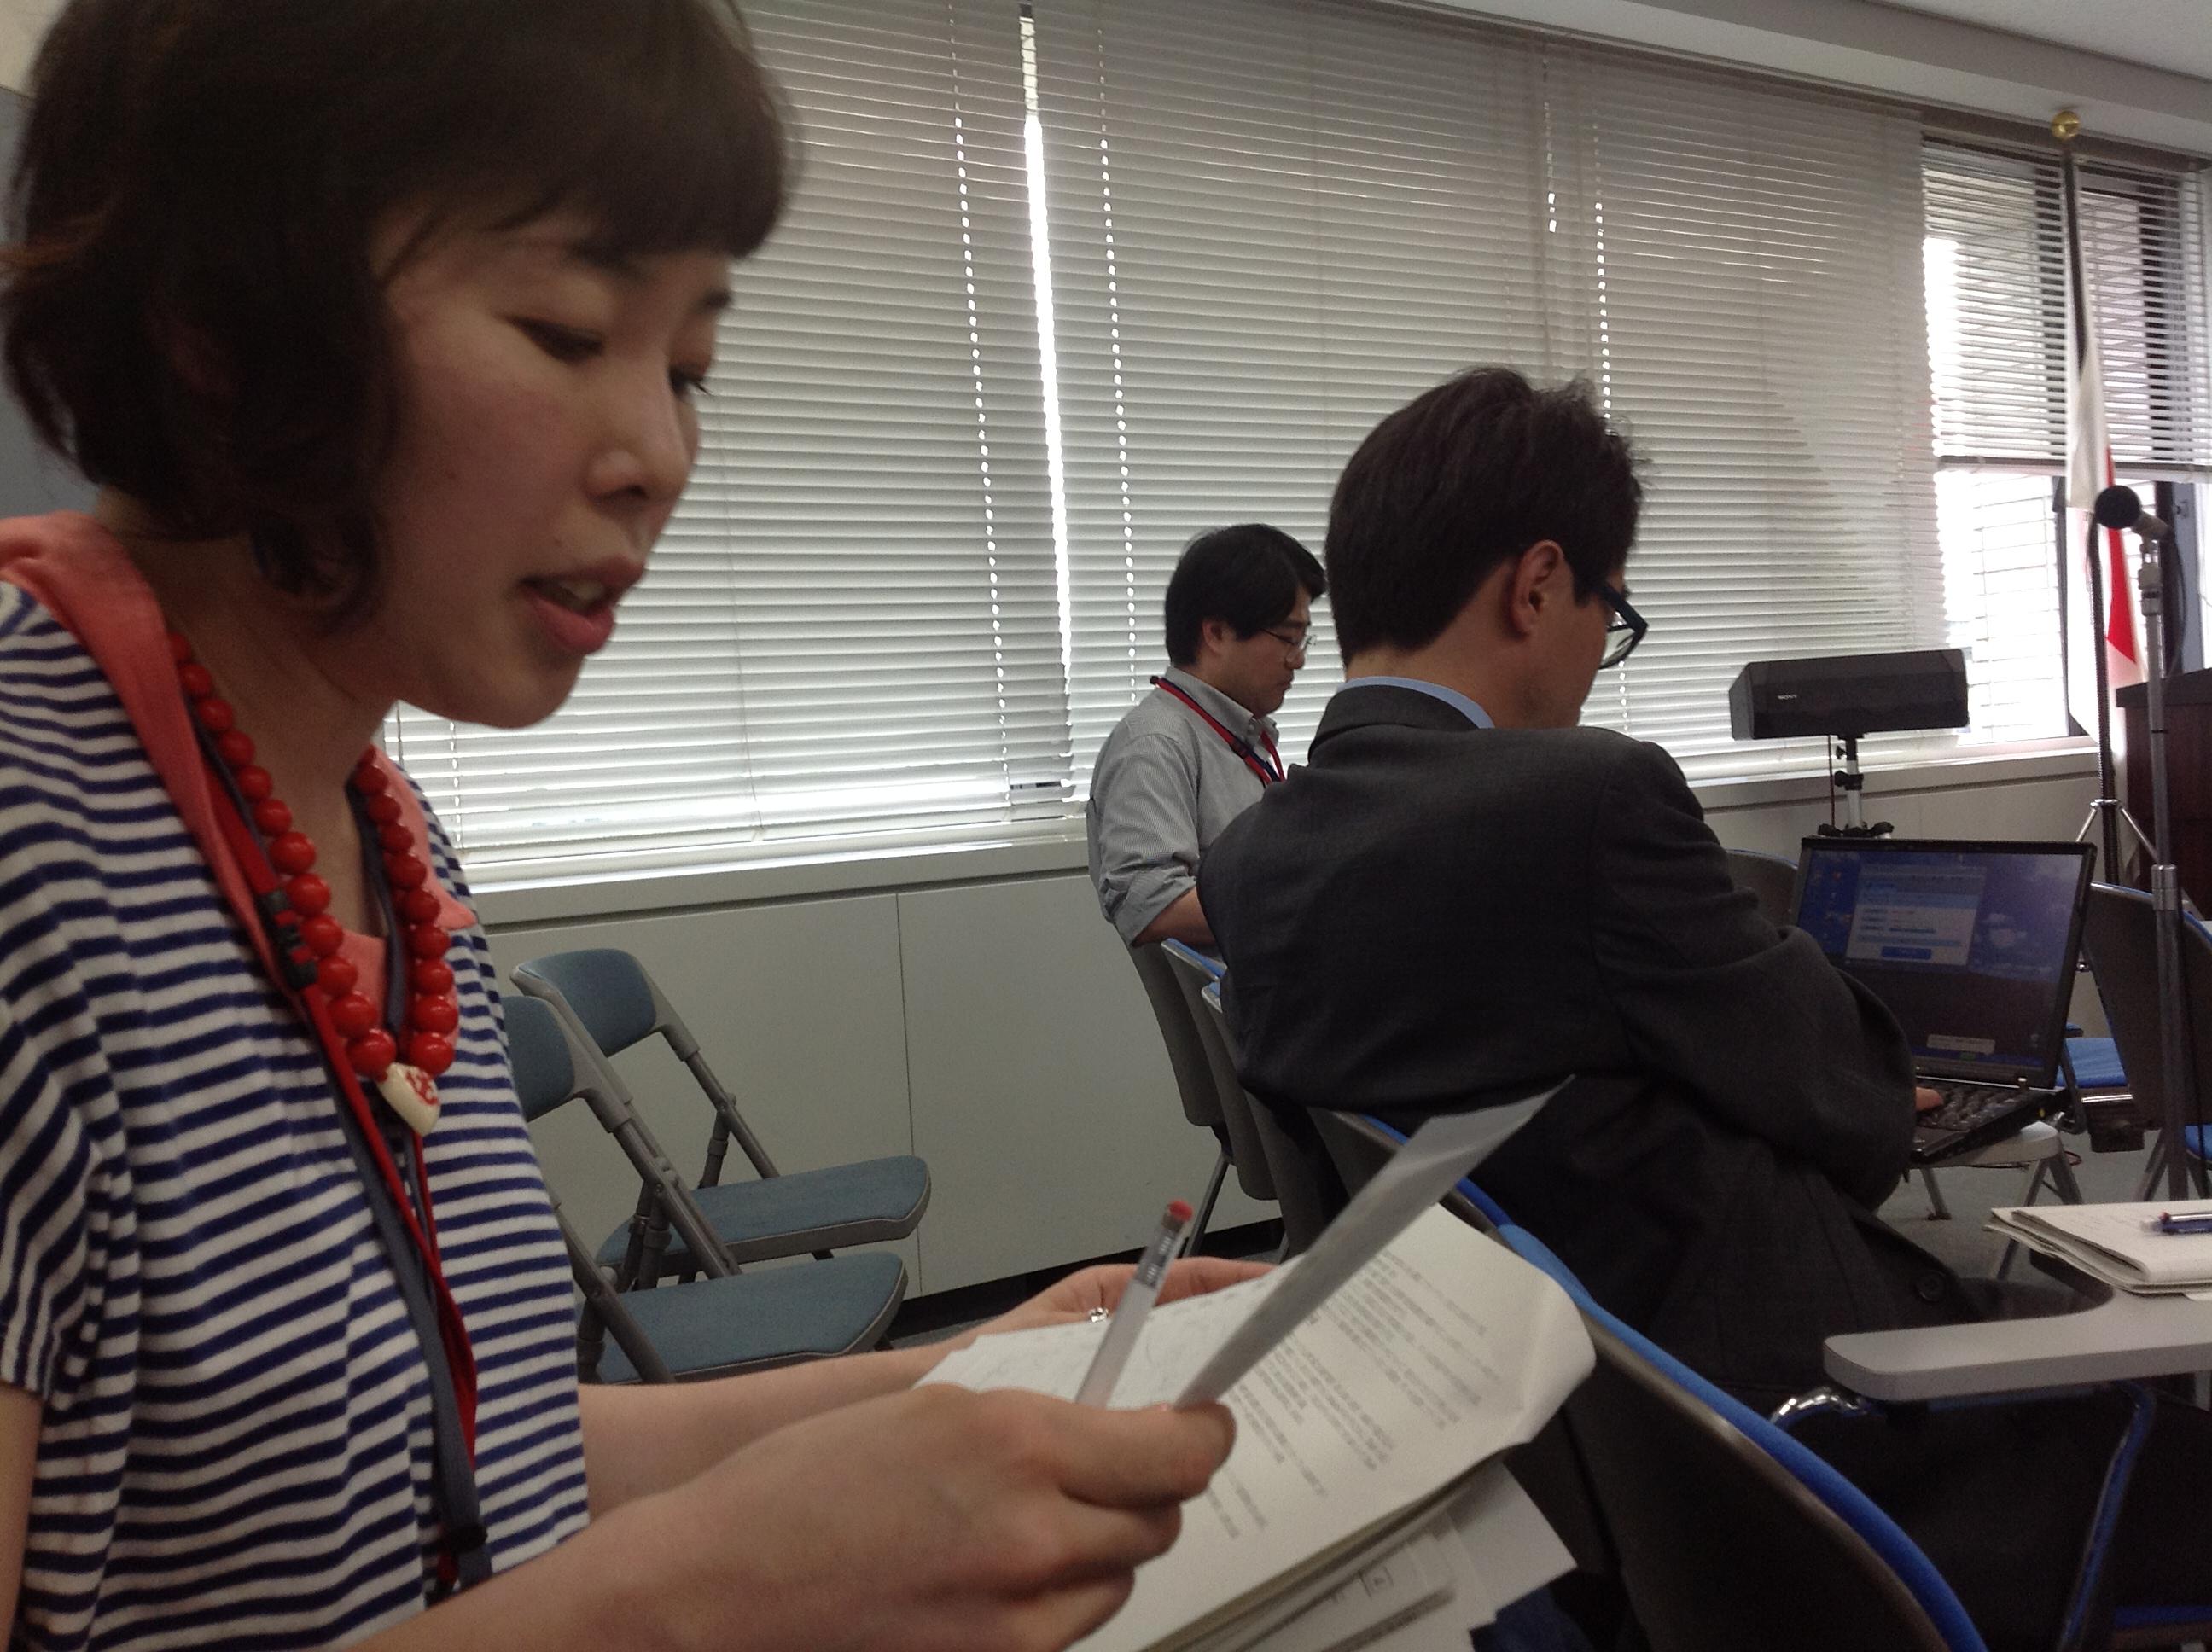 http://daily.magazine9.jp/m9/oshidori/IMG_0447.JPG